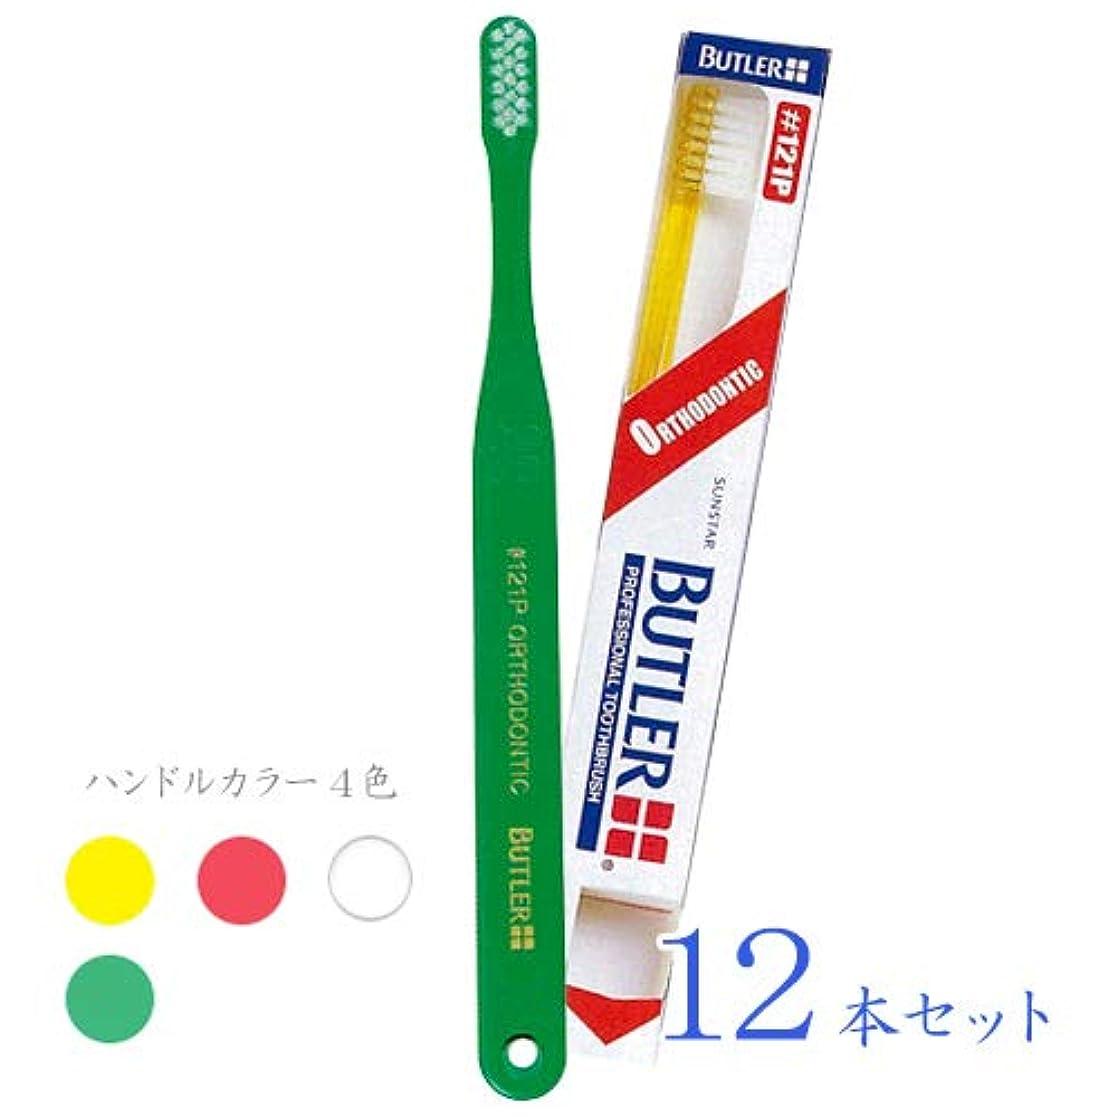 音声学ネックレット対立バトラー 歯ブラシ #121P 12本入